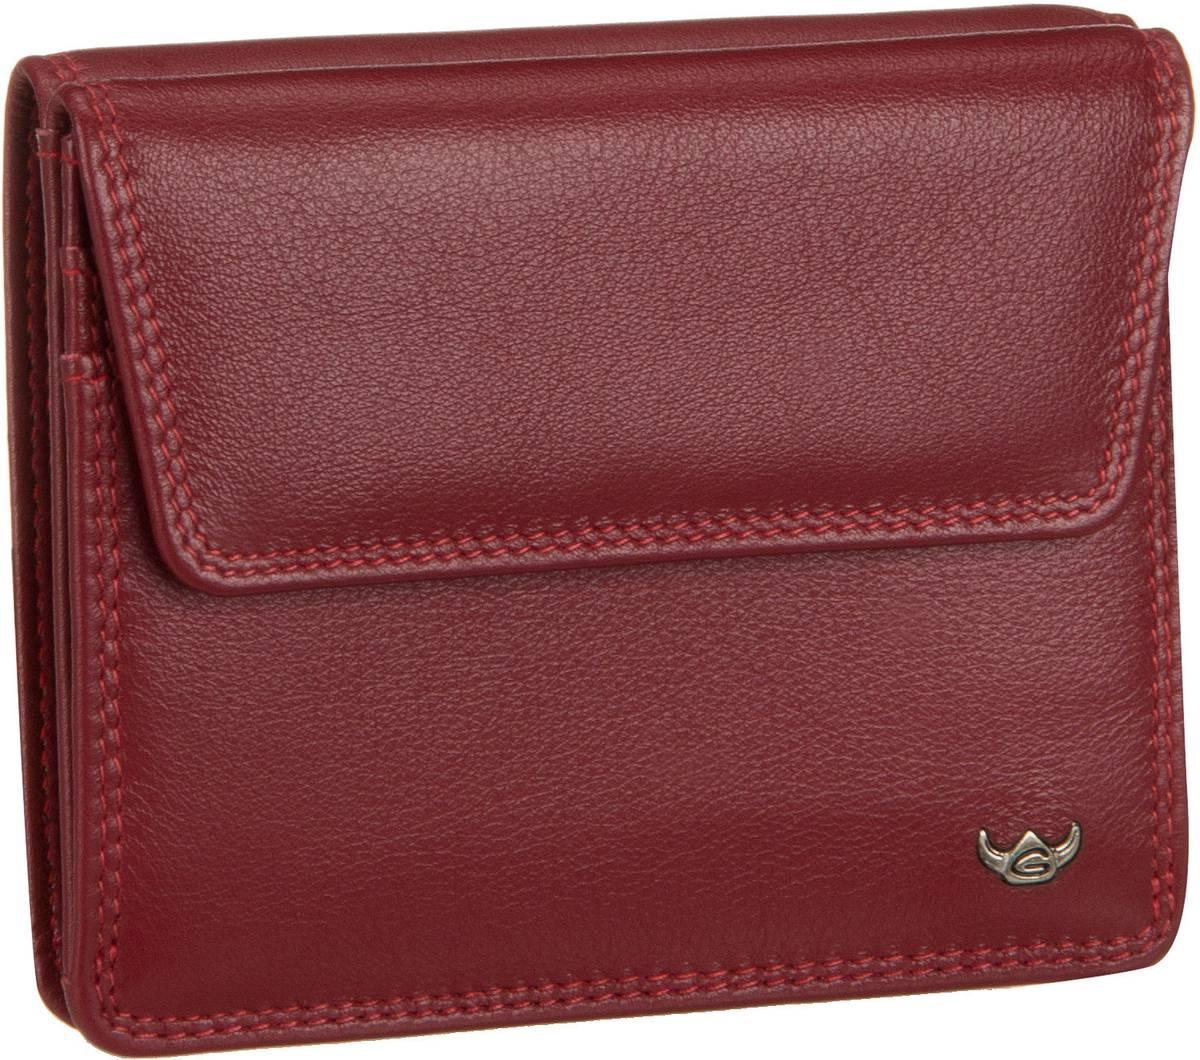 Geldboersen für Frauen - Golden Head Geldbörse Polo 1175 Überschlagbörse Rot  - Onlineshop Taschenkaufhaus